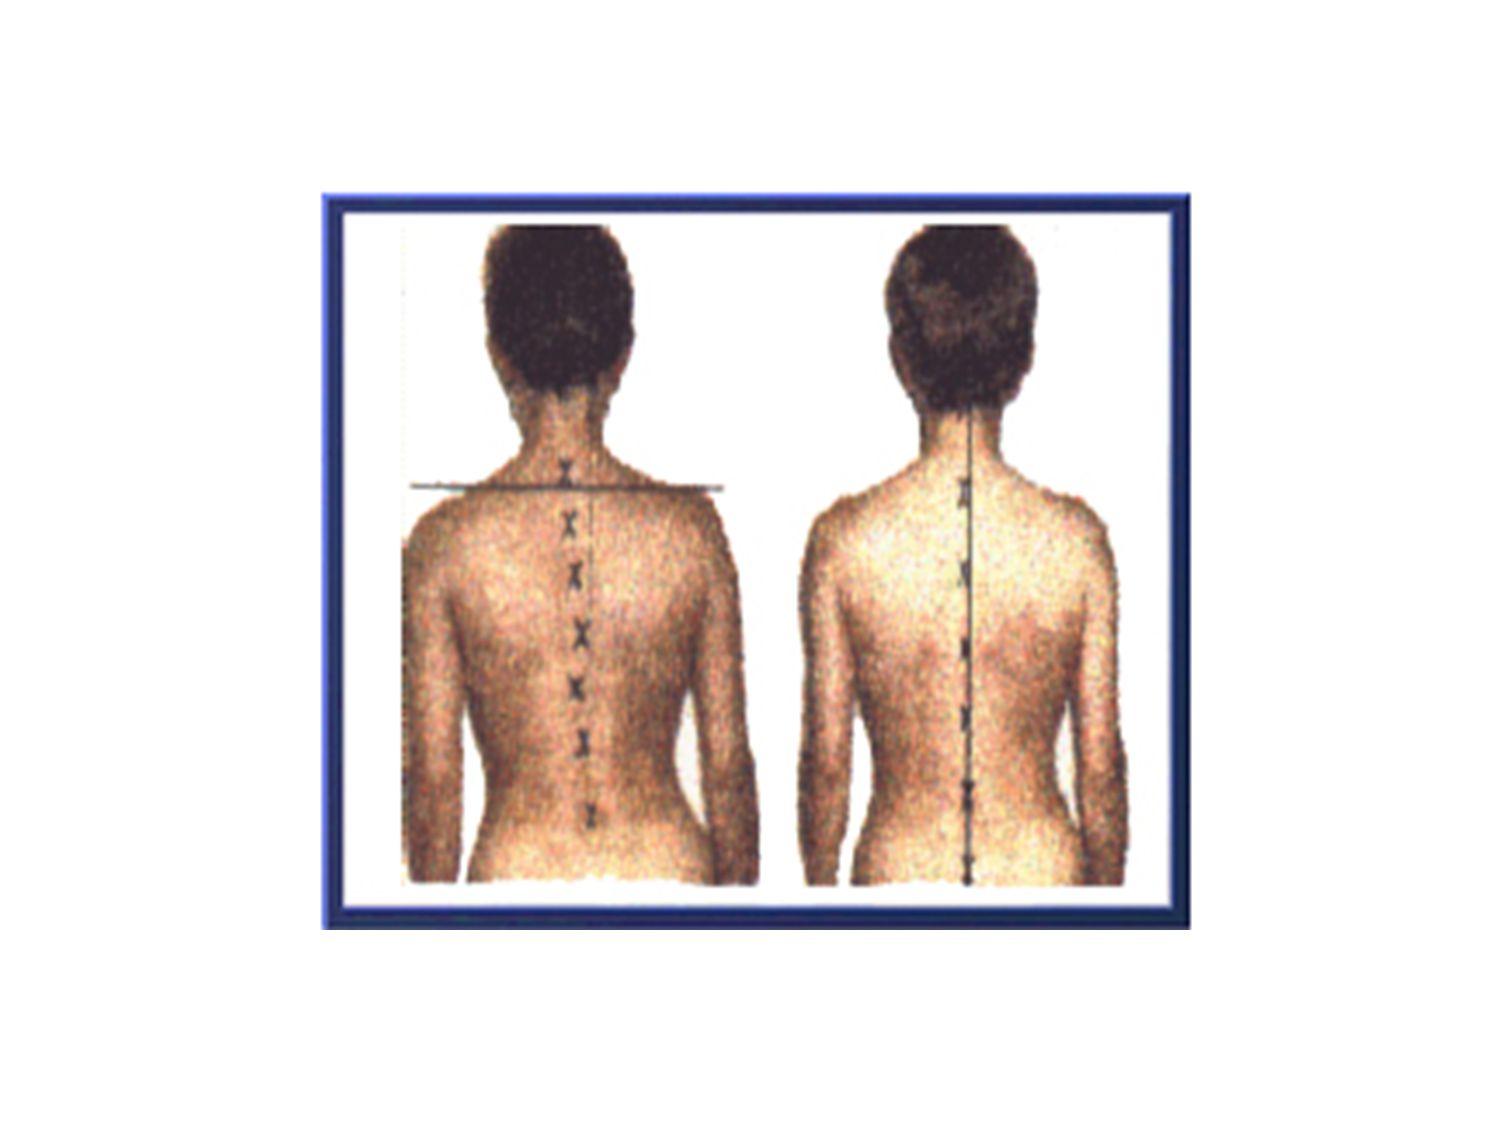 Η γρήγορη διαπίστωση της σκολίωσης είναι σημαντική για την πορεία της θεραπείας.Έχοντας υπόψη ότι η ΣΣ συνεχίζει να αναπτύσσετε μέχρι την ηλικία των 20 χρονών περίπου, η σκολίωση εάν αφεθεί χωρίς αντιμετώπιση τότε θα χειροτερεύσει.Όταν το κύρτωμα έχει σχηματισθεί και οργανωθεί, η διόρθωση είναι πολύ δύσκολη και οι σοβαρές επιπλοκές συχνότερες.